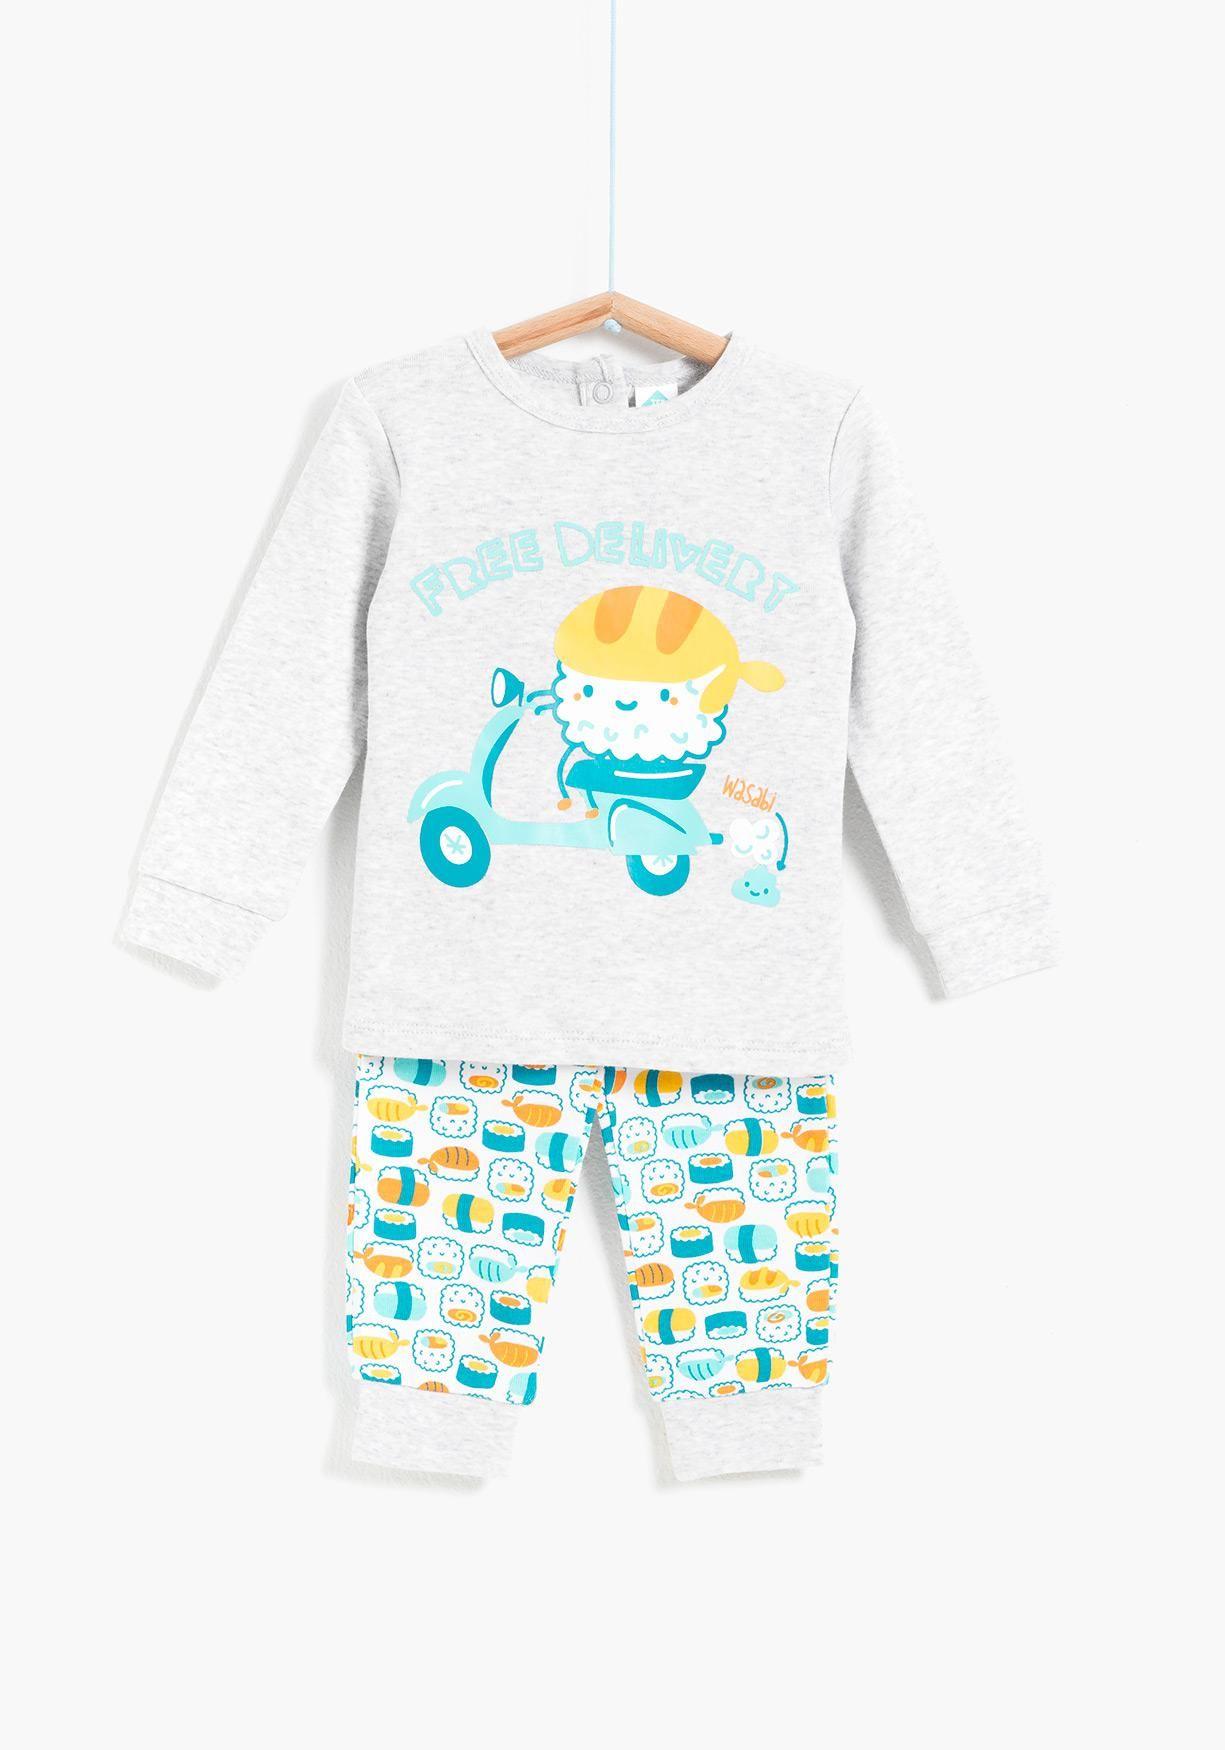 86aefc590d1c Ofertas en Moda - Tu tienda de ropa online en Carrefour TEX | Baby ...